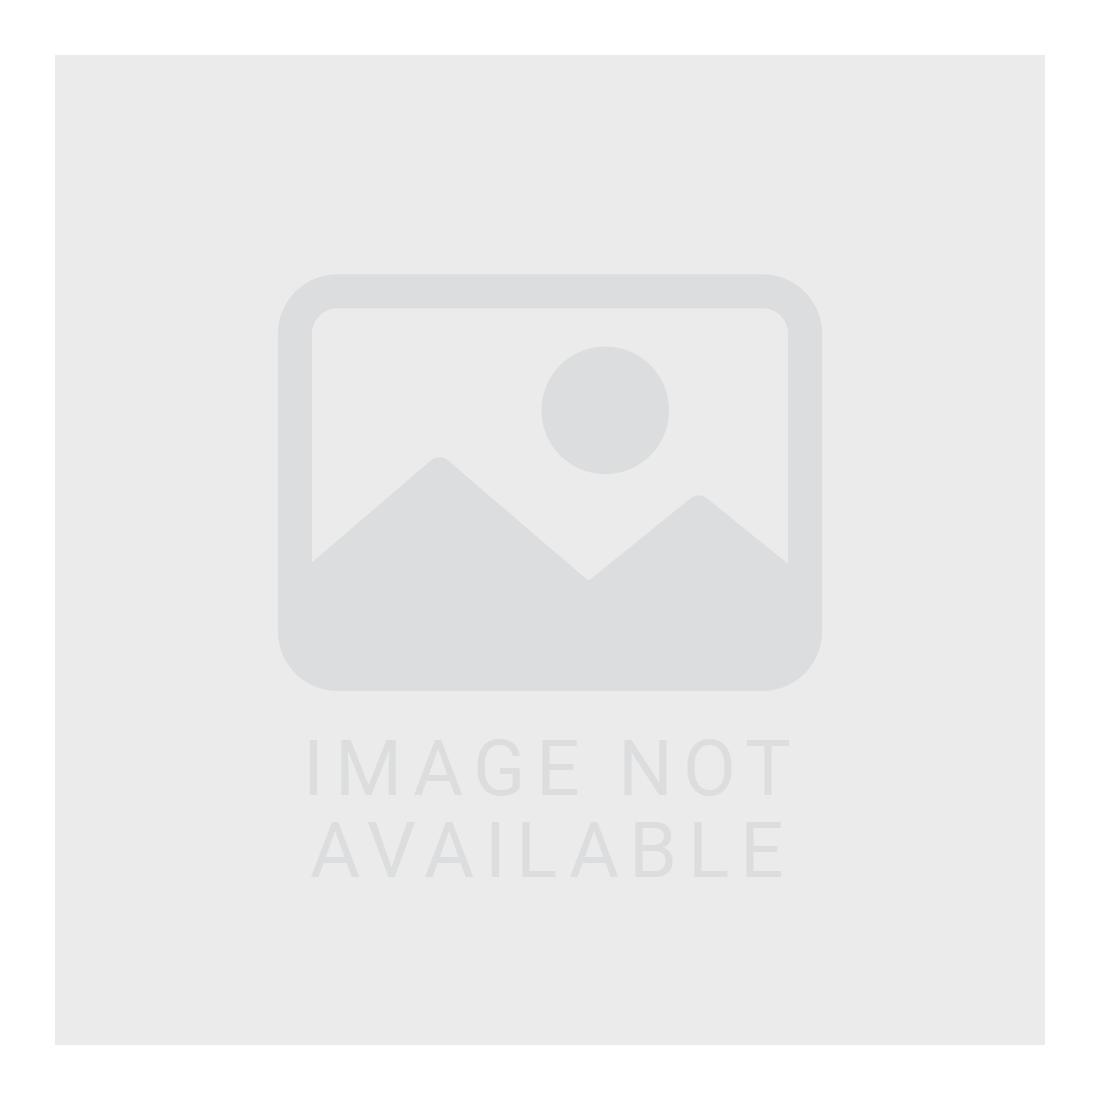 Women's American T-shirt